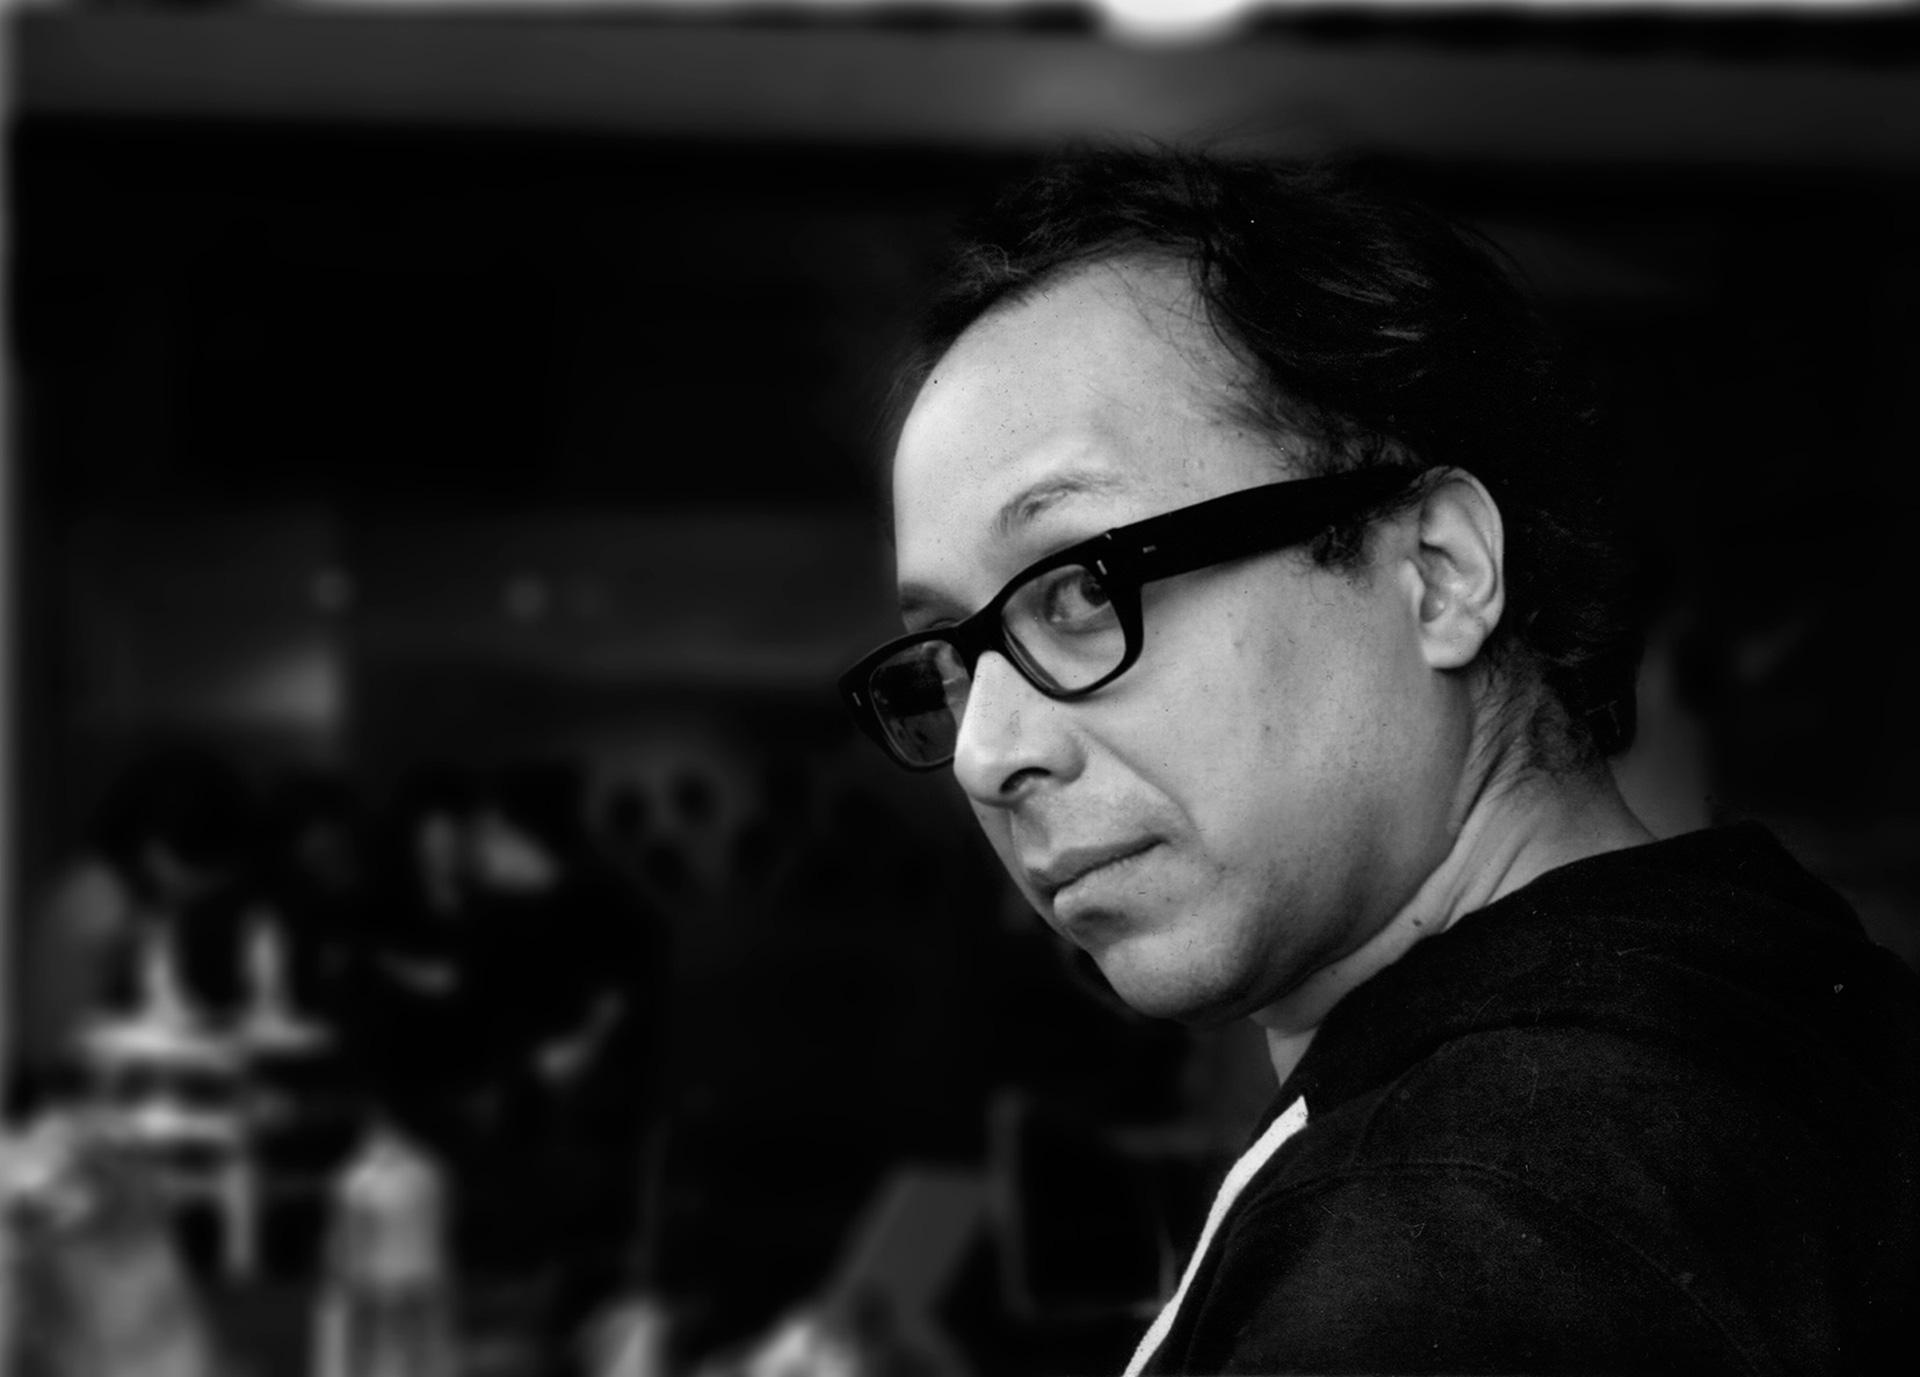 Moda, tendencias e historia: en entrevista con Gustavo Prado